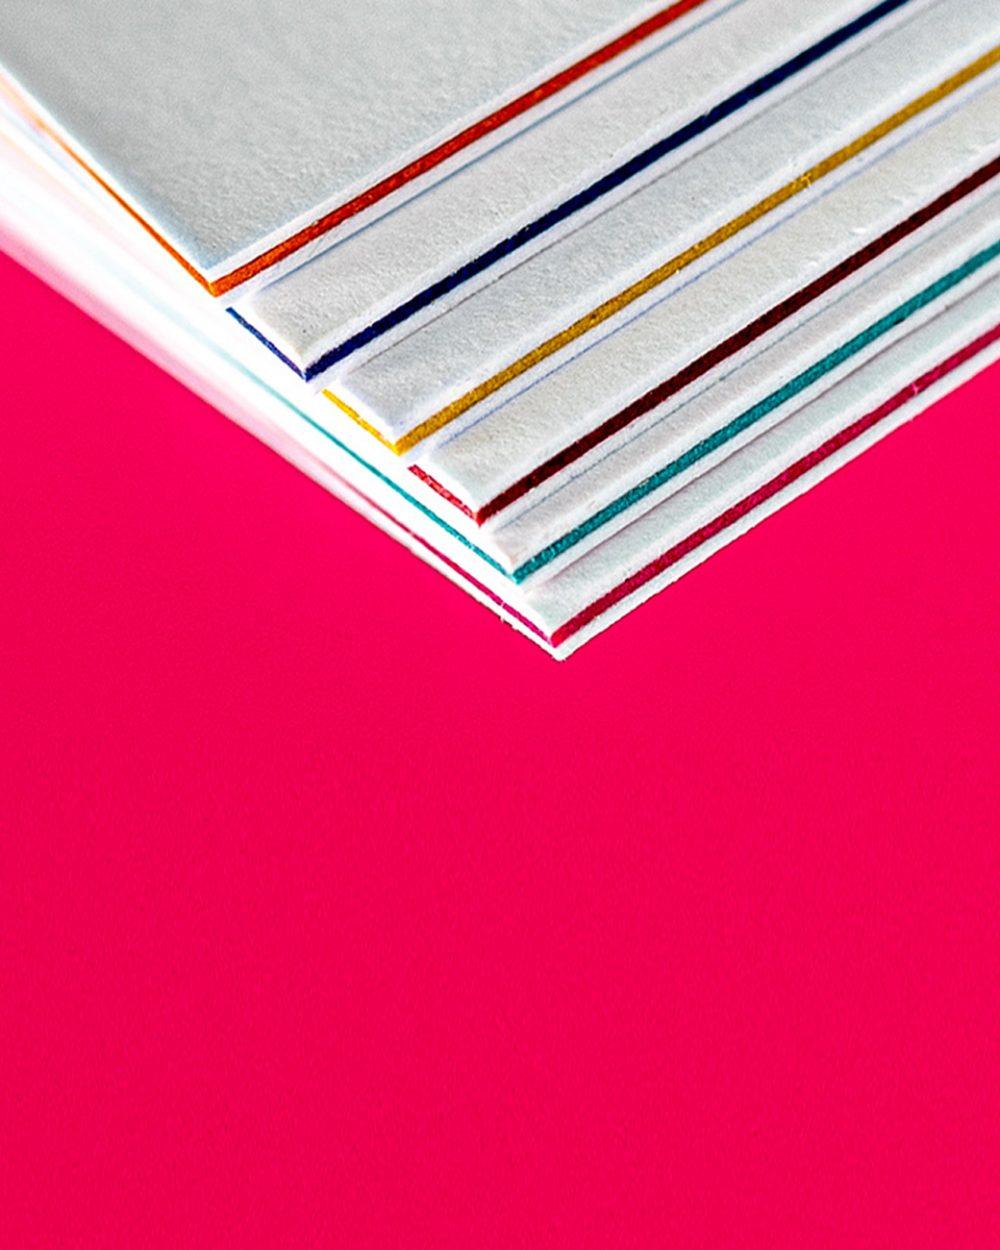 Трехслойные визитки. Визитки TRIPLEX.